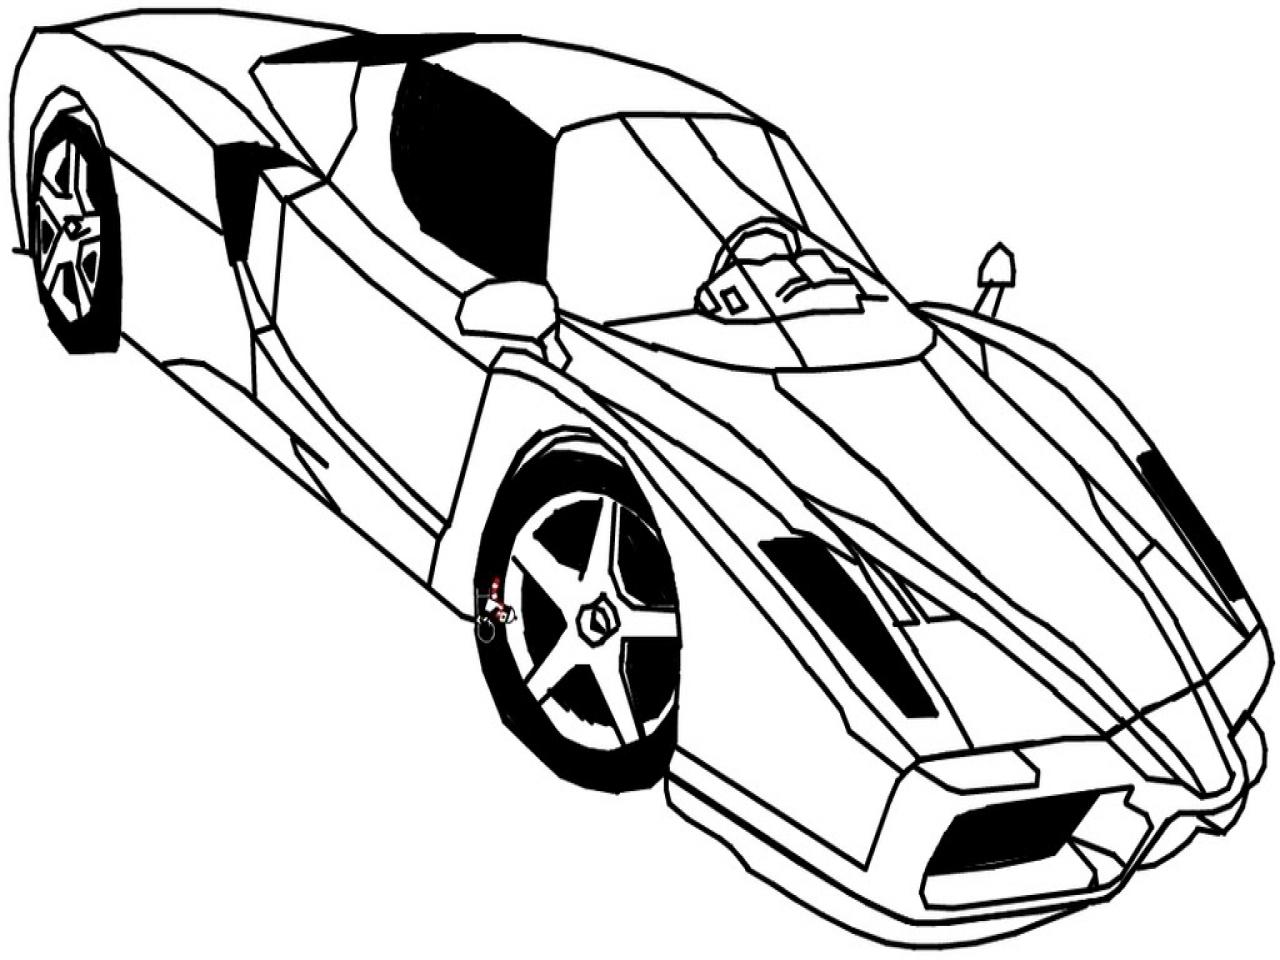 Ferrari drawing at getdrawings free for personal use ferrari